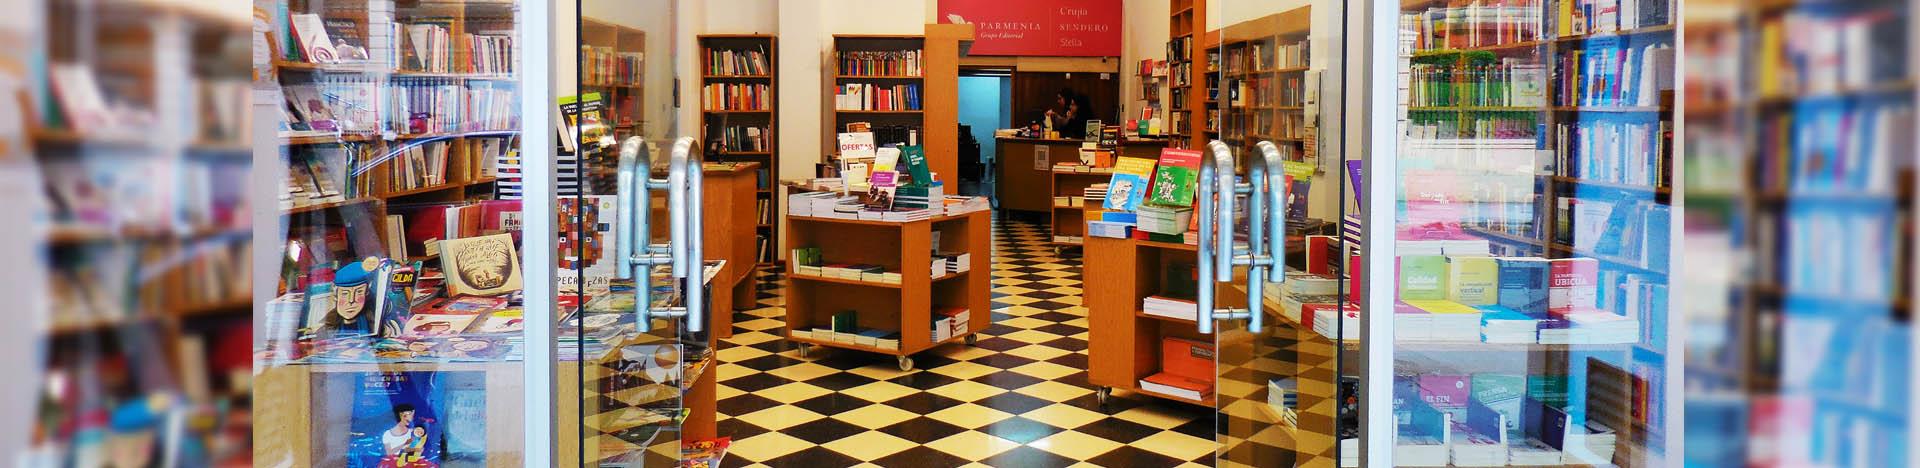 bg_libreria_entrada